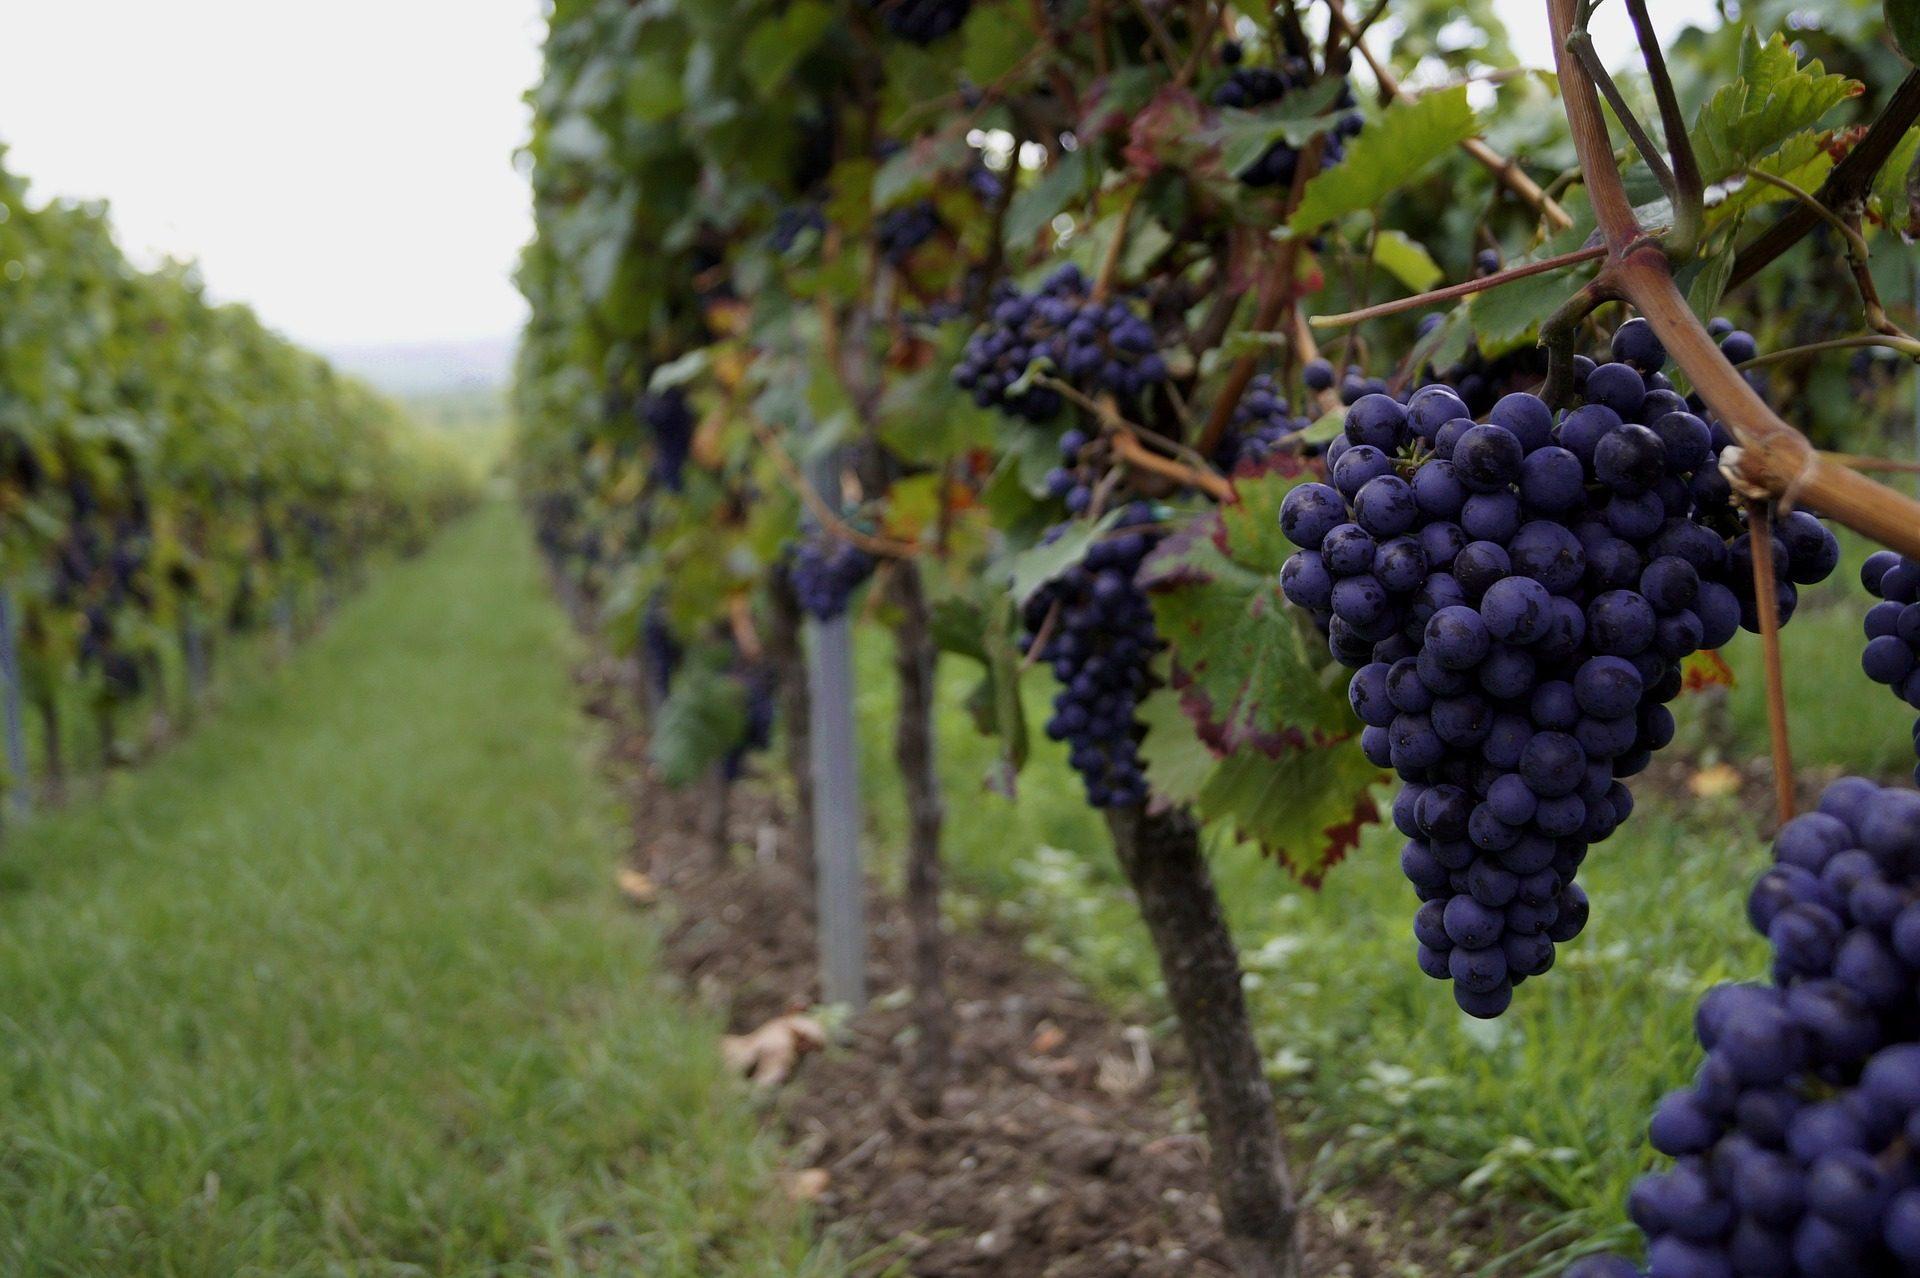 العنب, الفواكه, كرمه, زراعة, مزرعة, سباس - خلفيات عالية الدقة - أستاذ falken.com